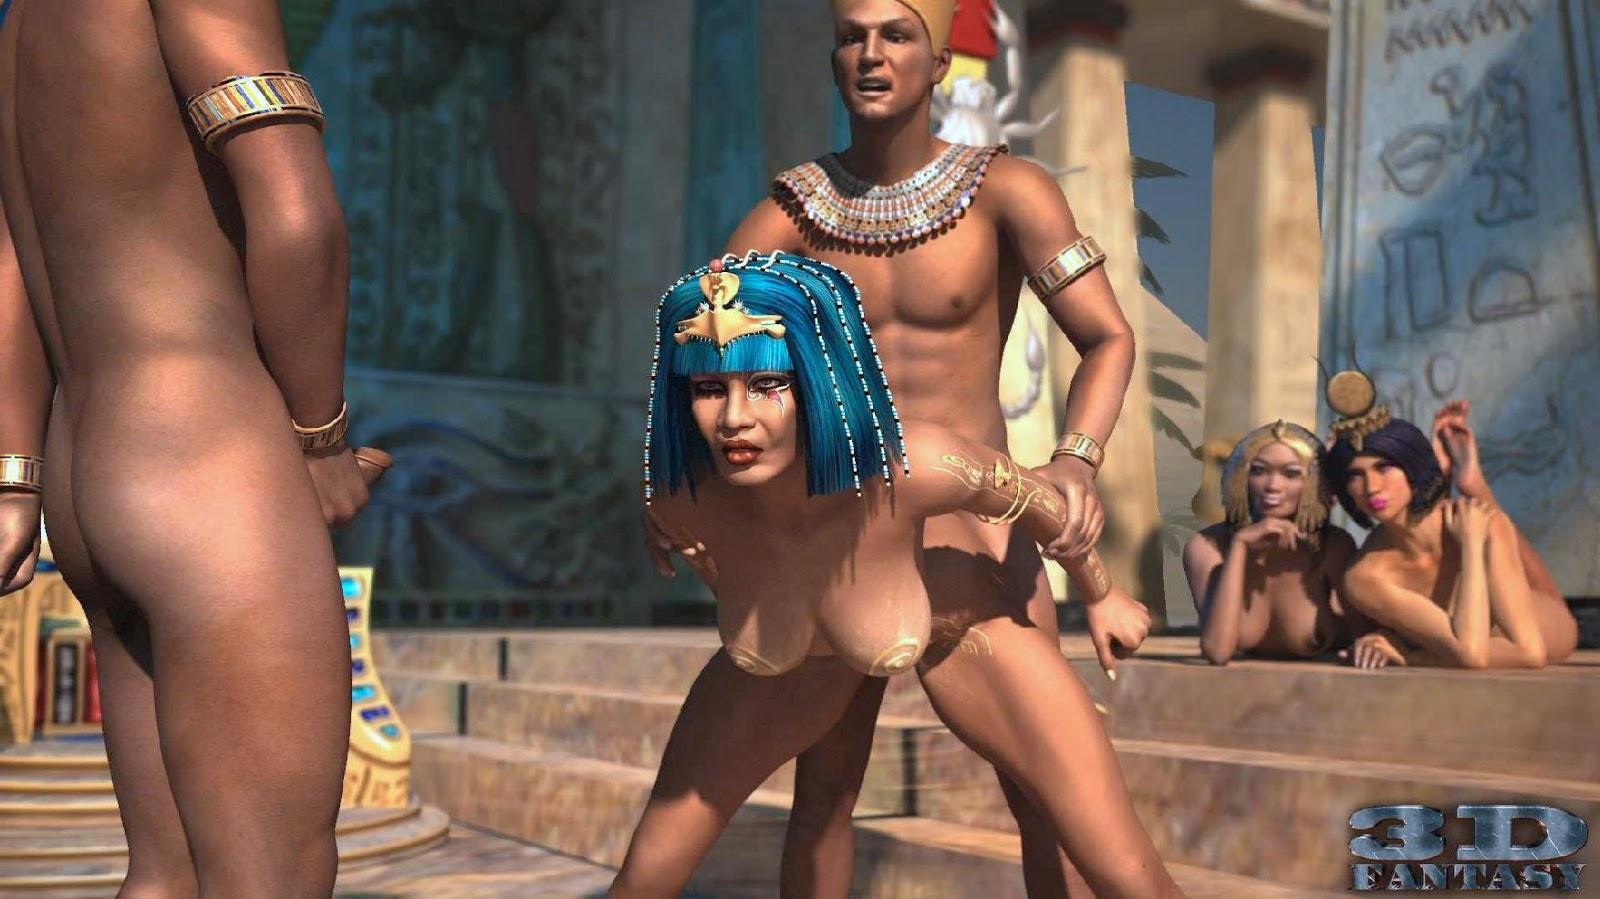 Смотреть ролики секса с фараонами, доктор макс порно смотреть онлайн